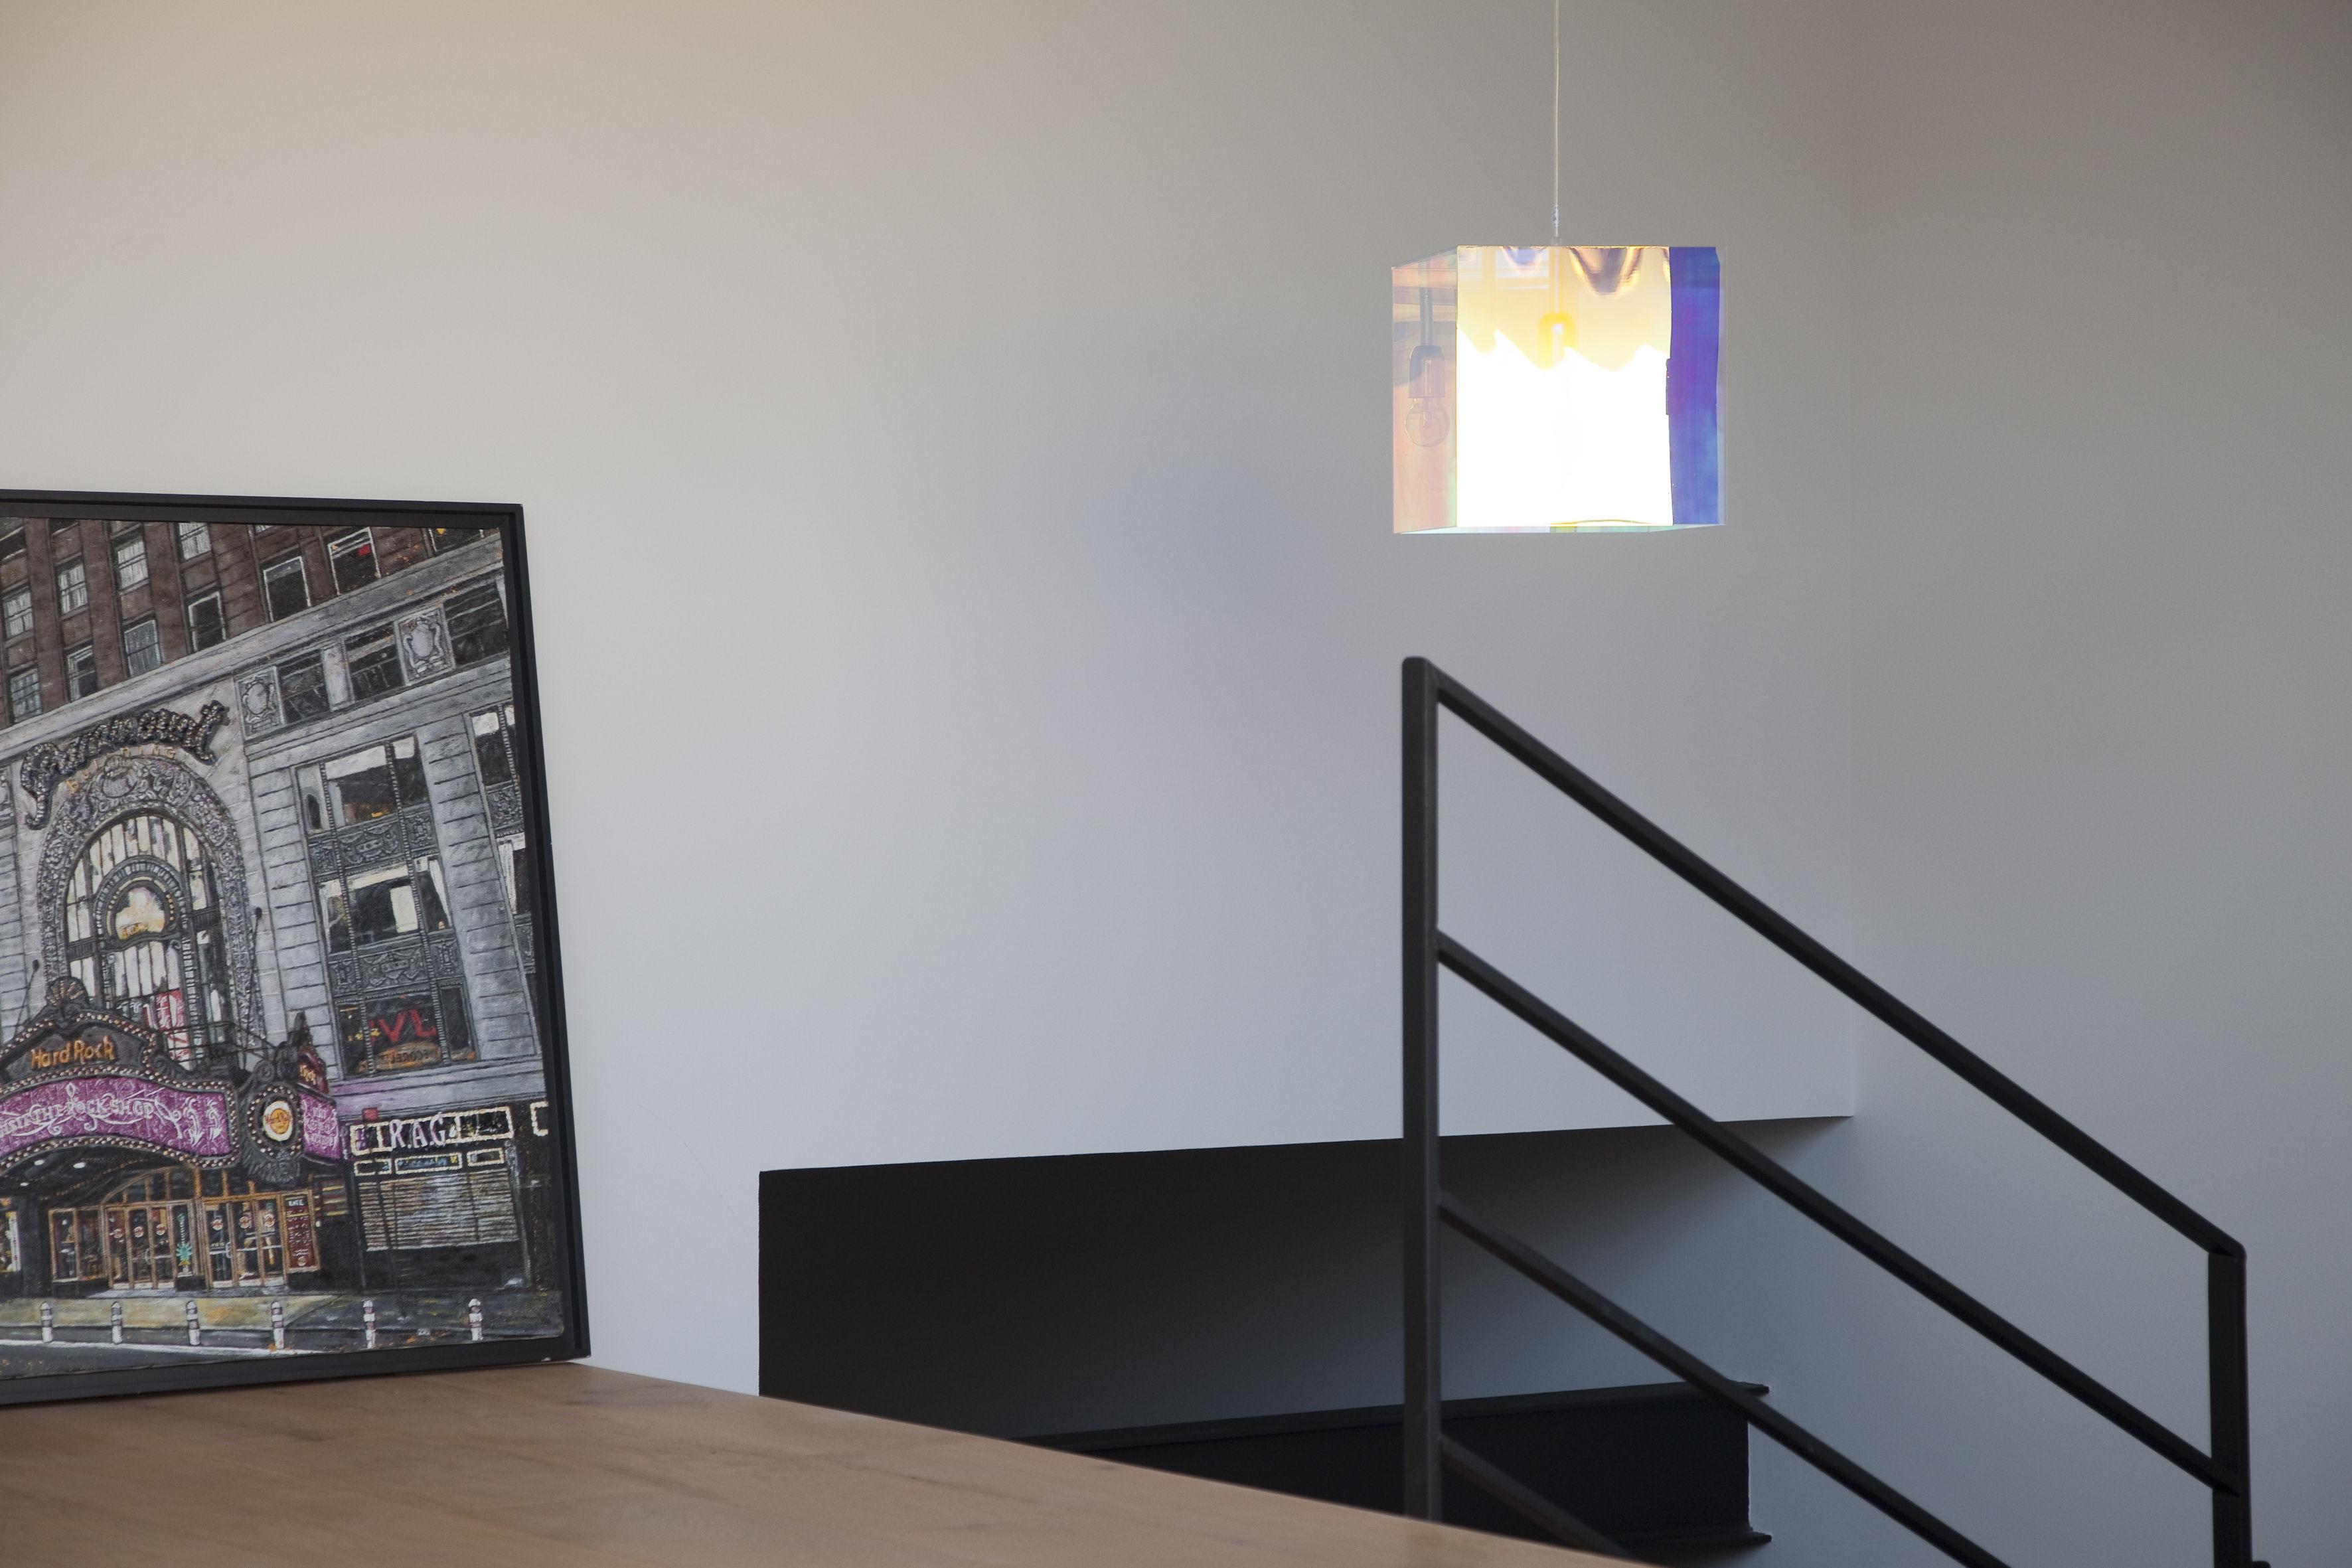 Cube miroir pendant mirror 15 6 x 15 6 cm by designheure for Miroir review